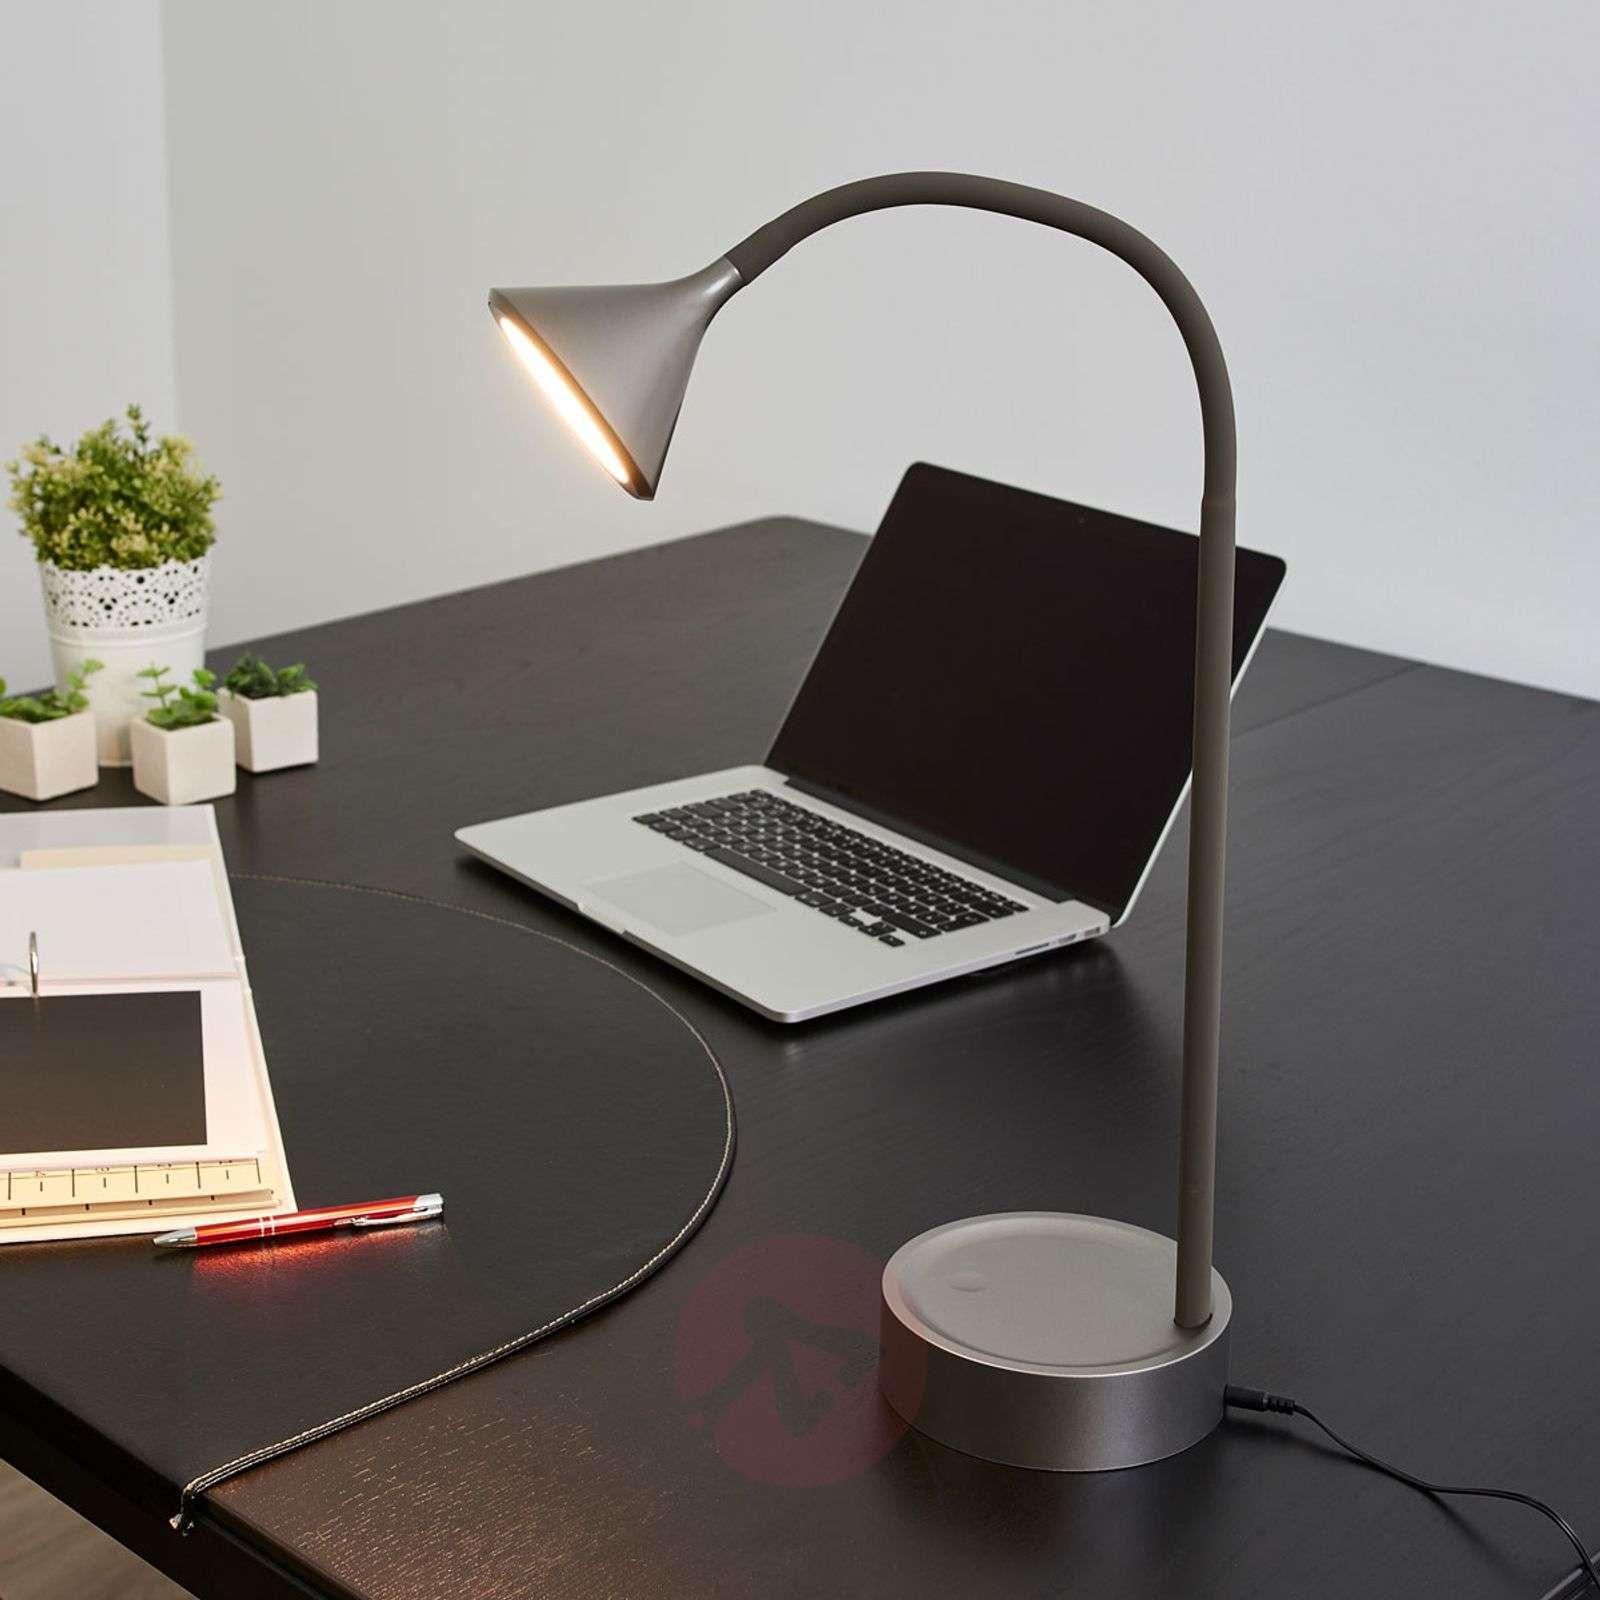 Säädettävä Ellister-pöytävalaisin LED, USB-portti-9643041-02